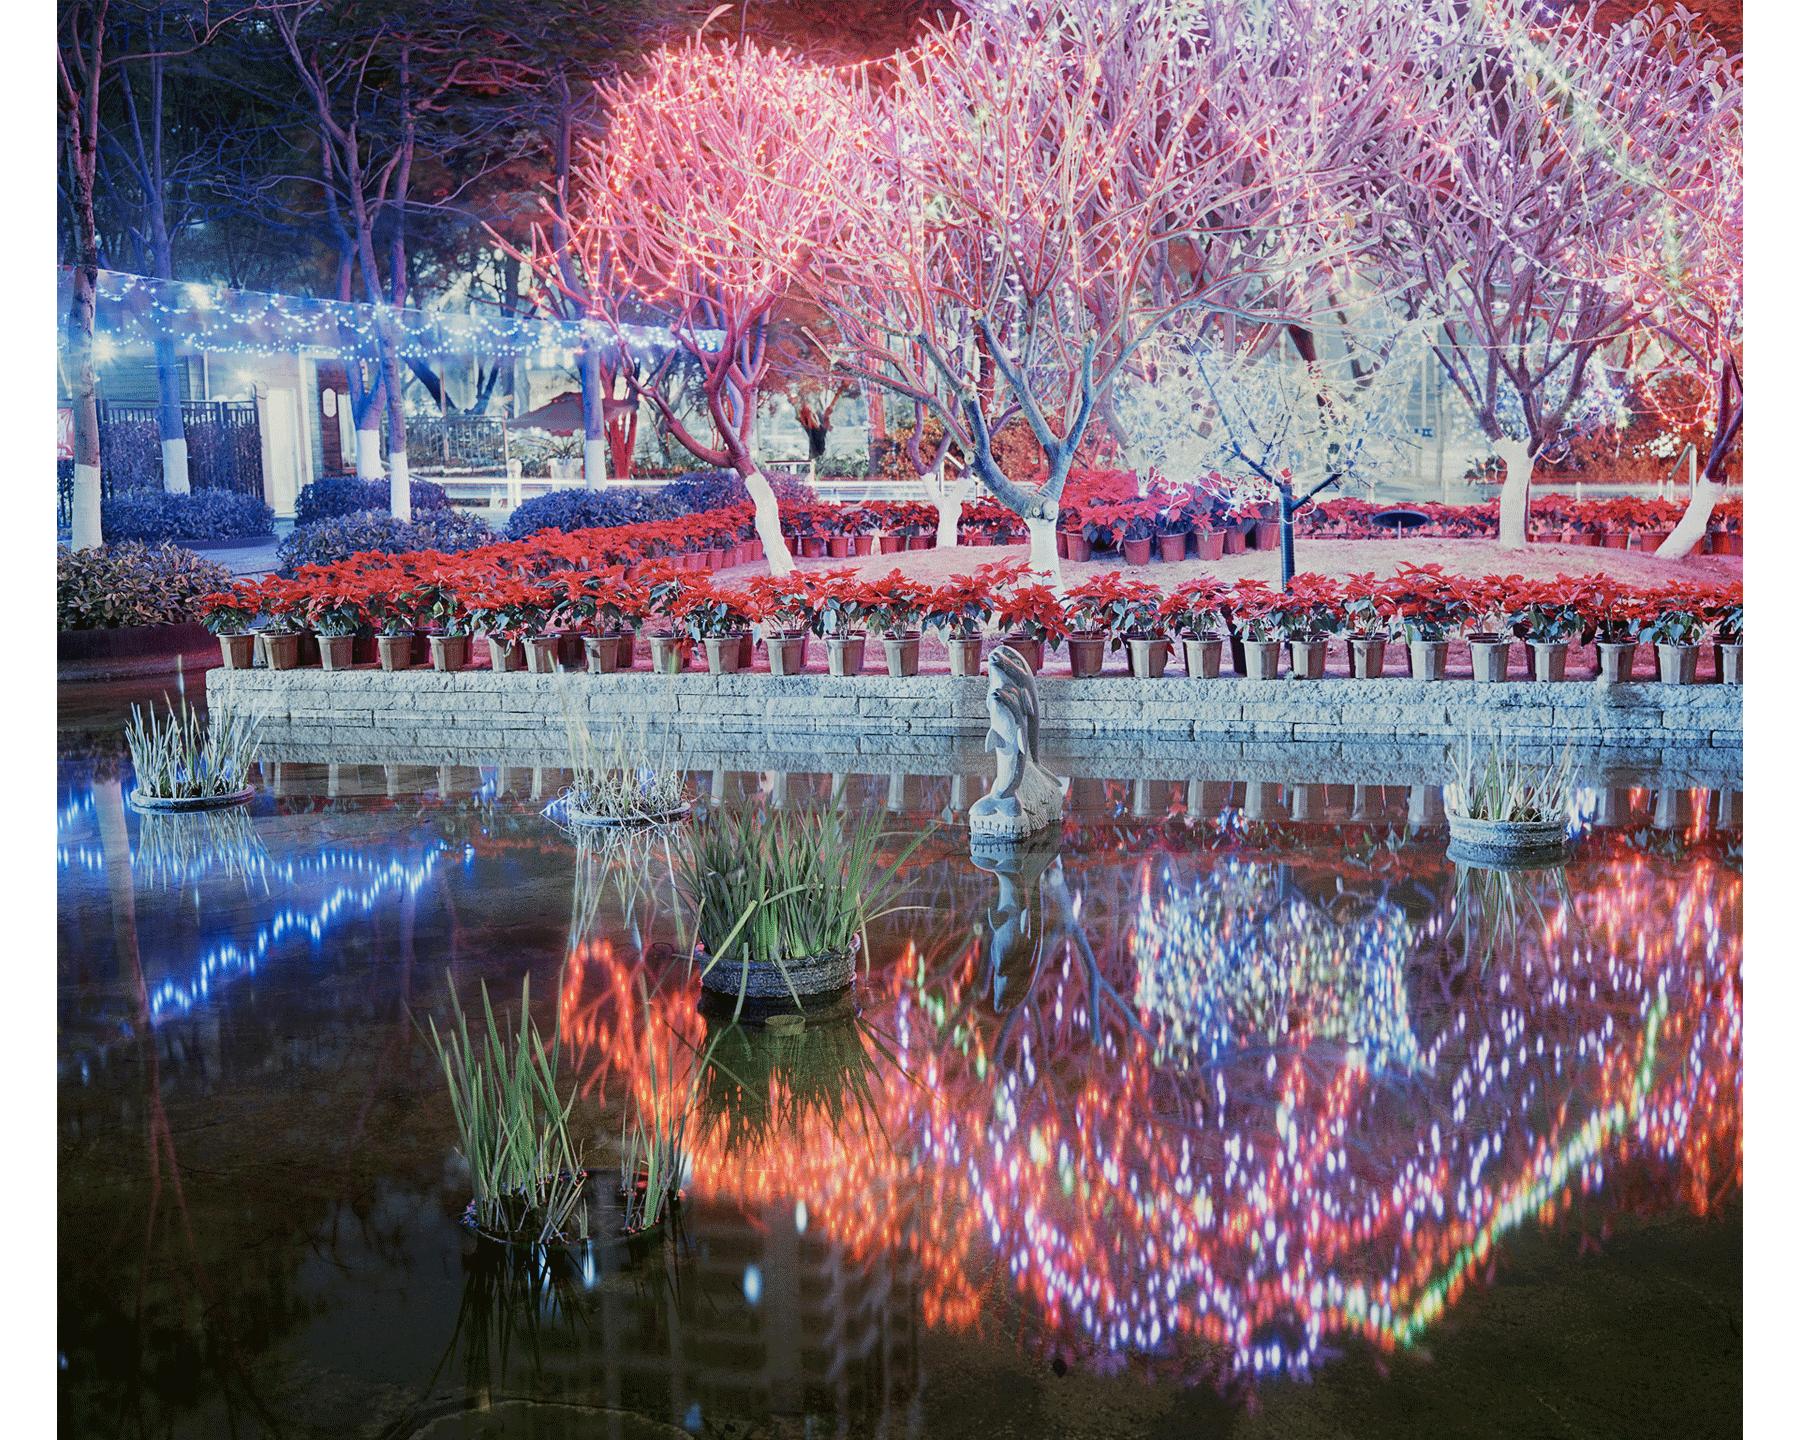 Shenzhen, Guangdong province, 2015.